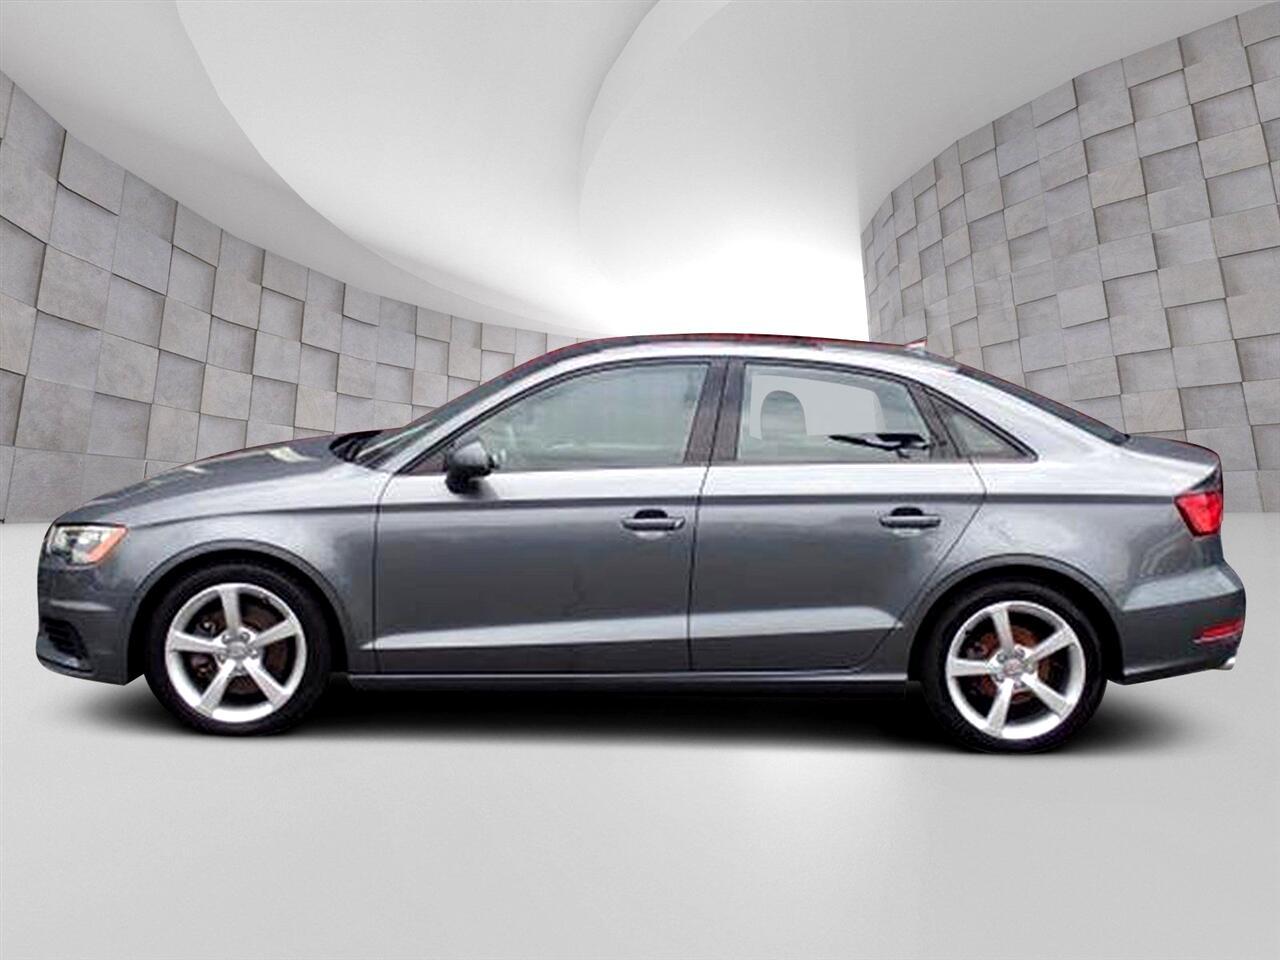 Audi A3 4dr Sdn quattro 2.0T Premium 2016